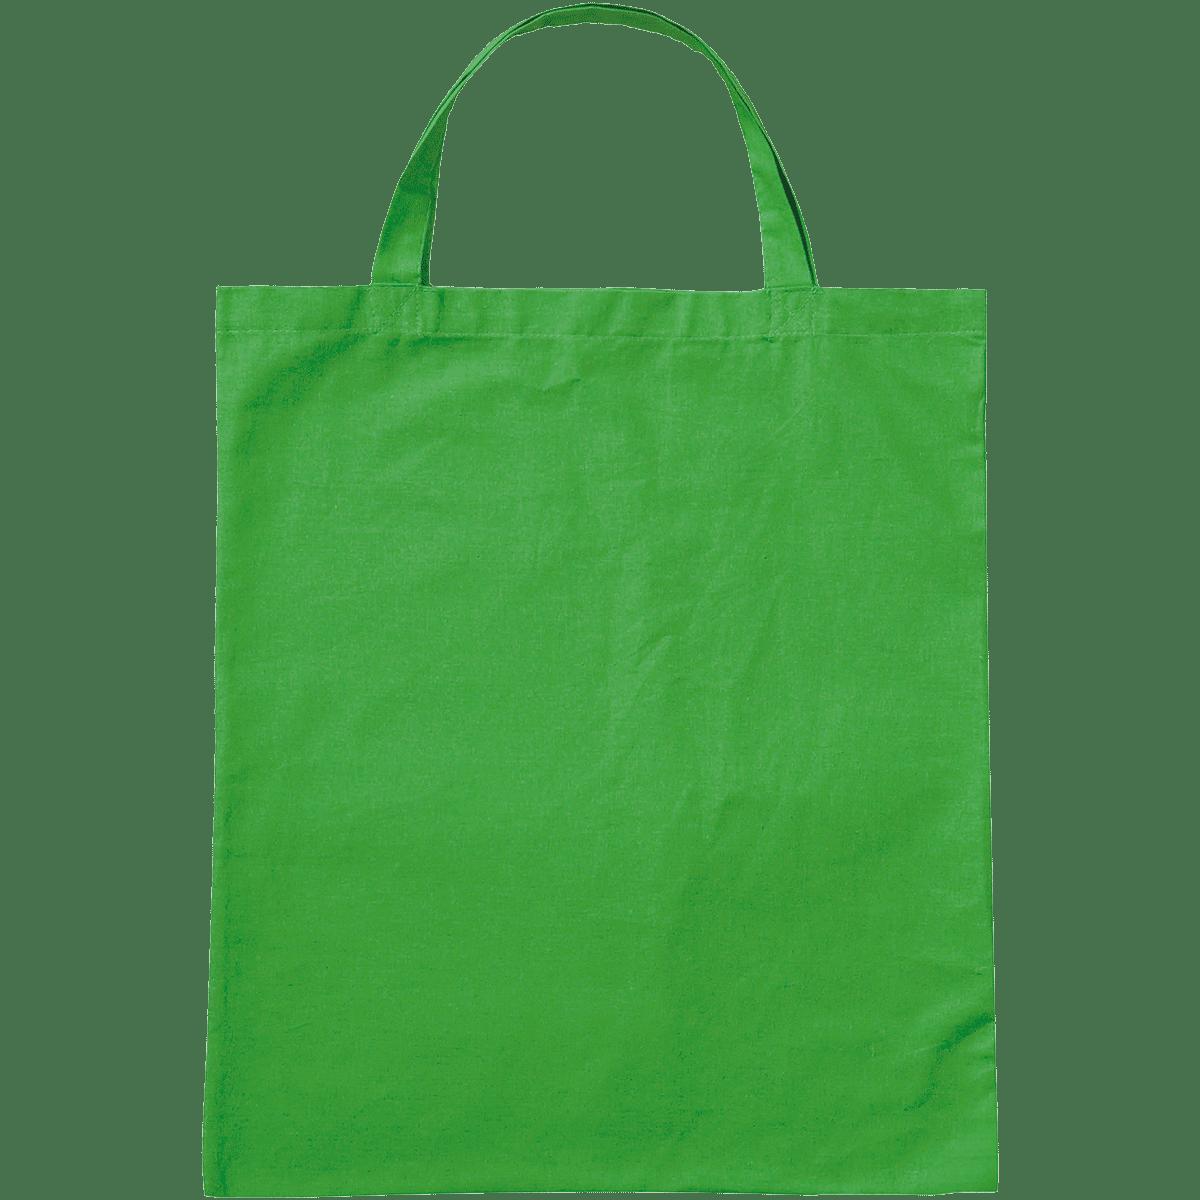 Baumwolltasche Maigrün mit 2 kurzen Henkeln.